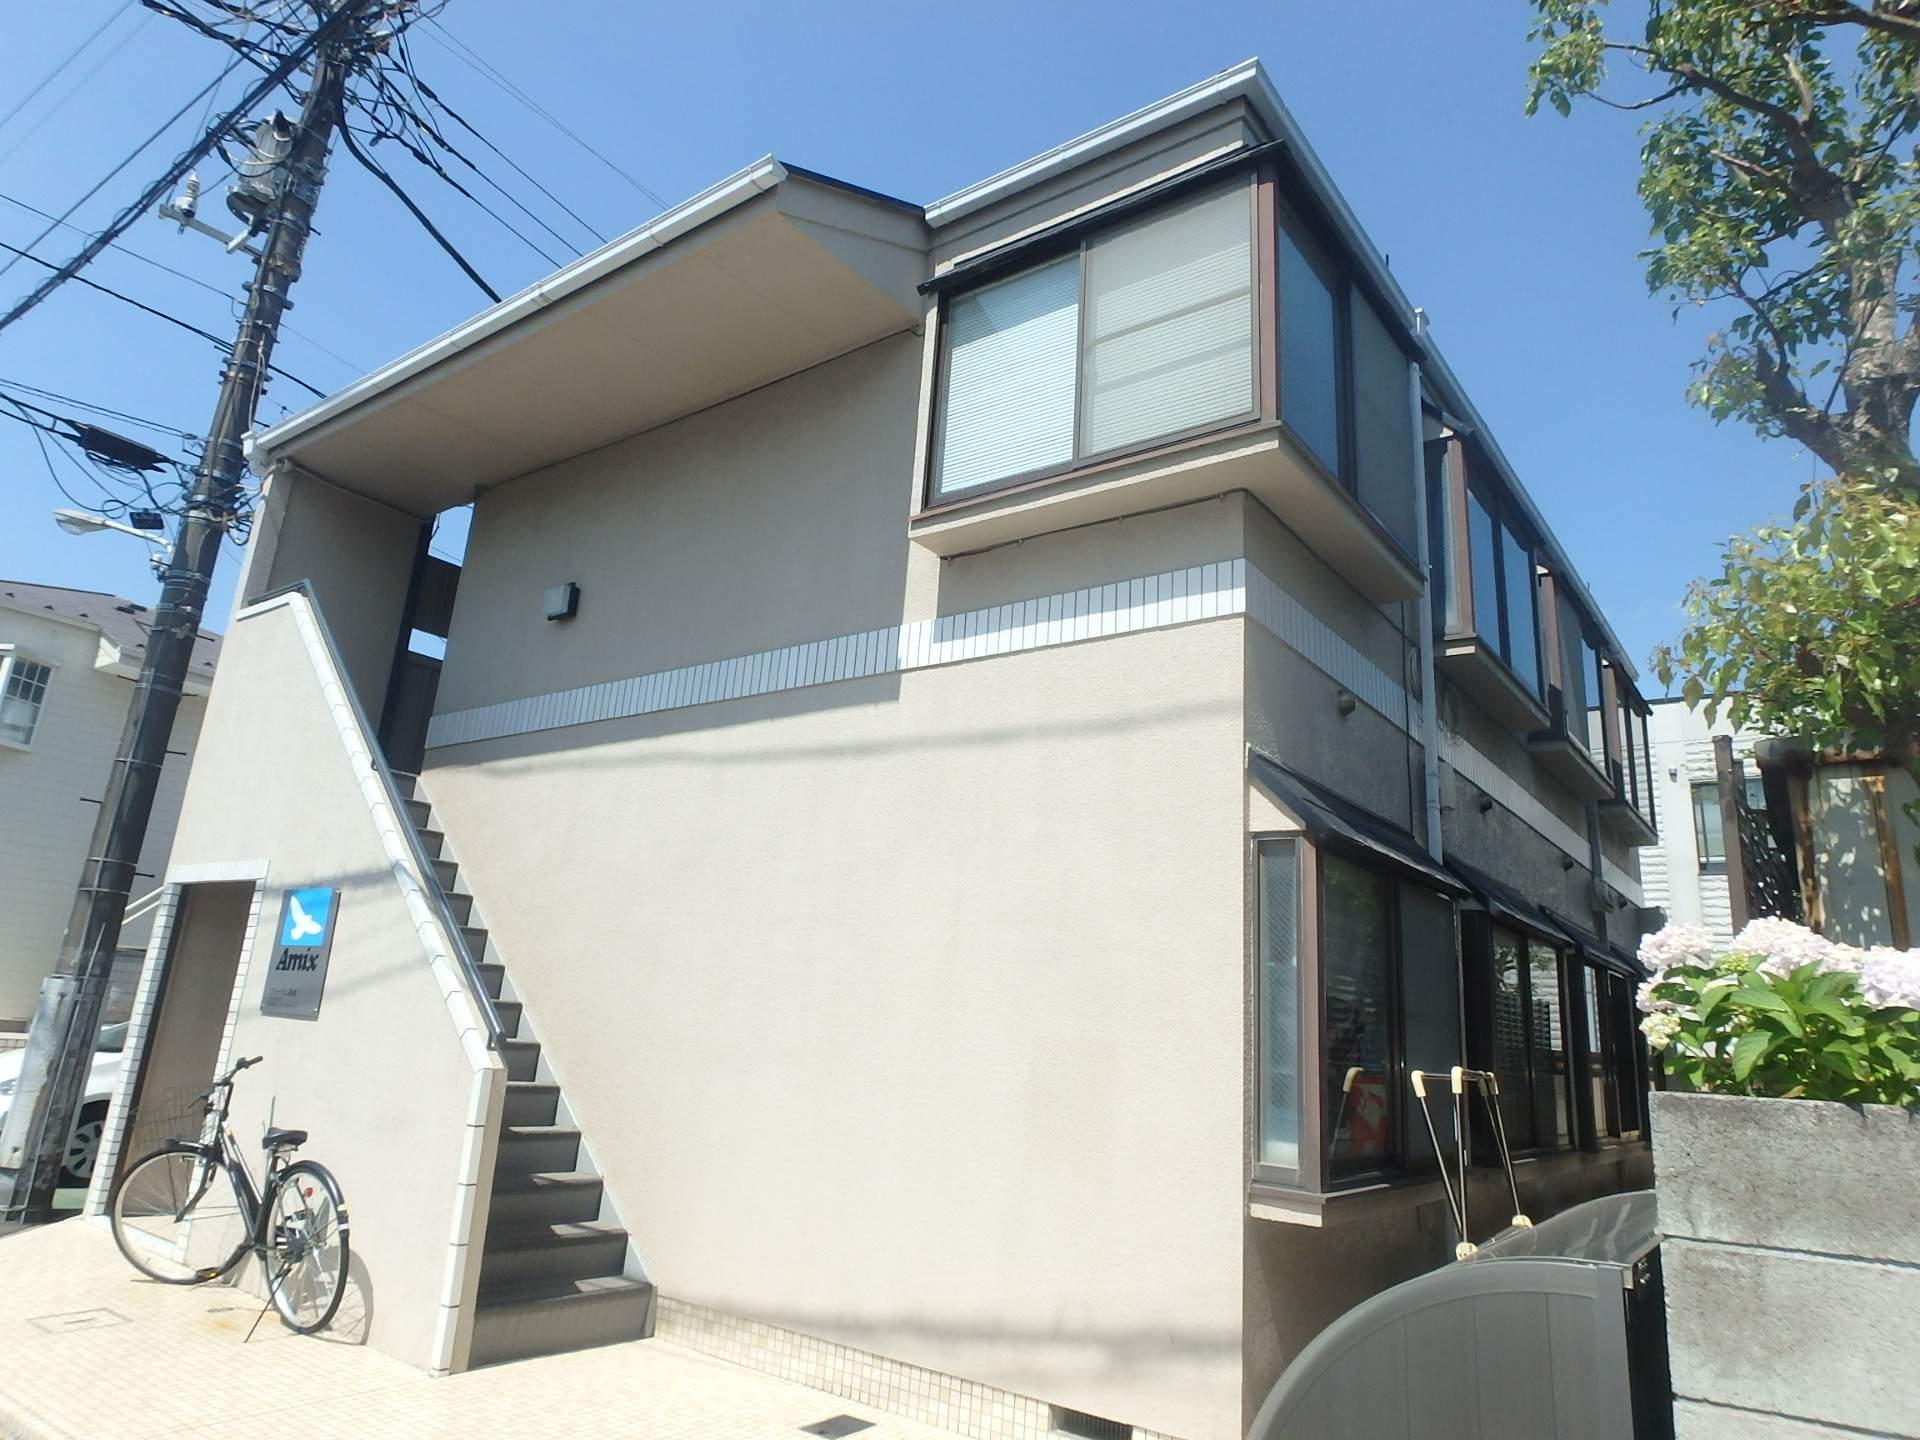 東京都江戸川区、篠崎駅徒歩15分の築29年 2階建の賃貸アパート